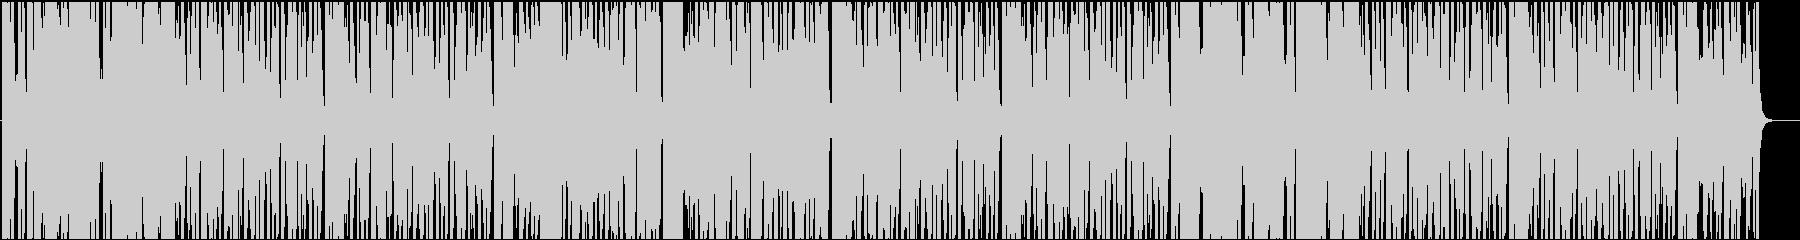 13秒でサビ、クリスマスバラード/静めの未再生の波形